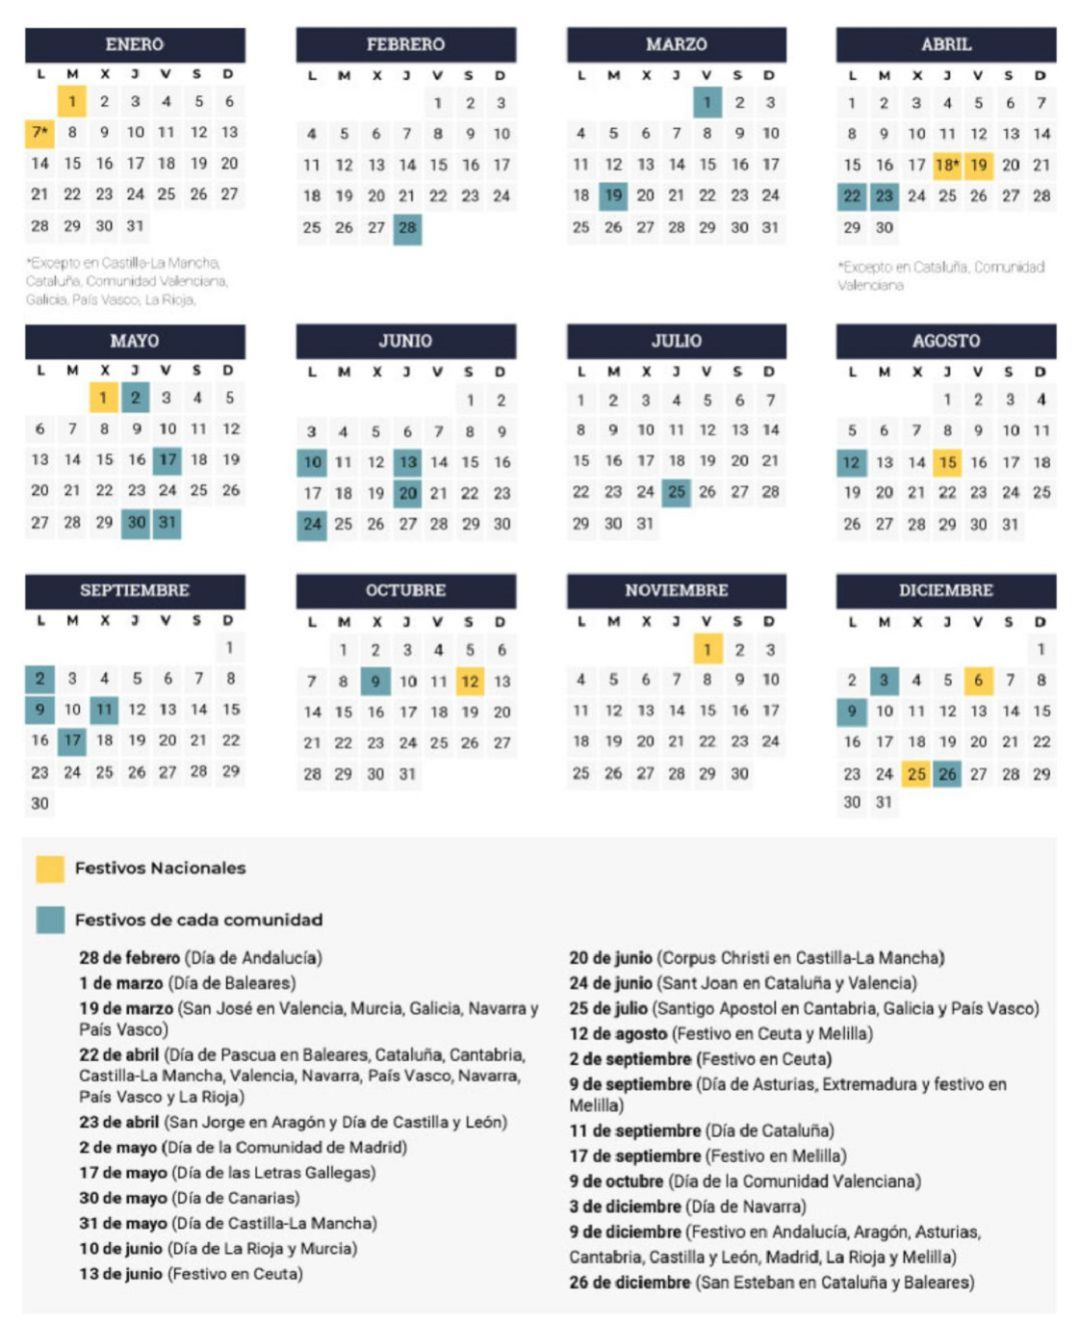 Calendario Laboral 2019 Andalucia.Festivos 2019 Consulta Los Festivos De Tu Comunidad Autonoma En El